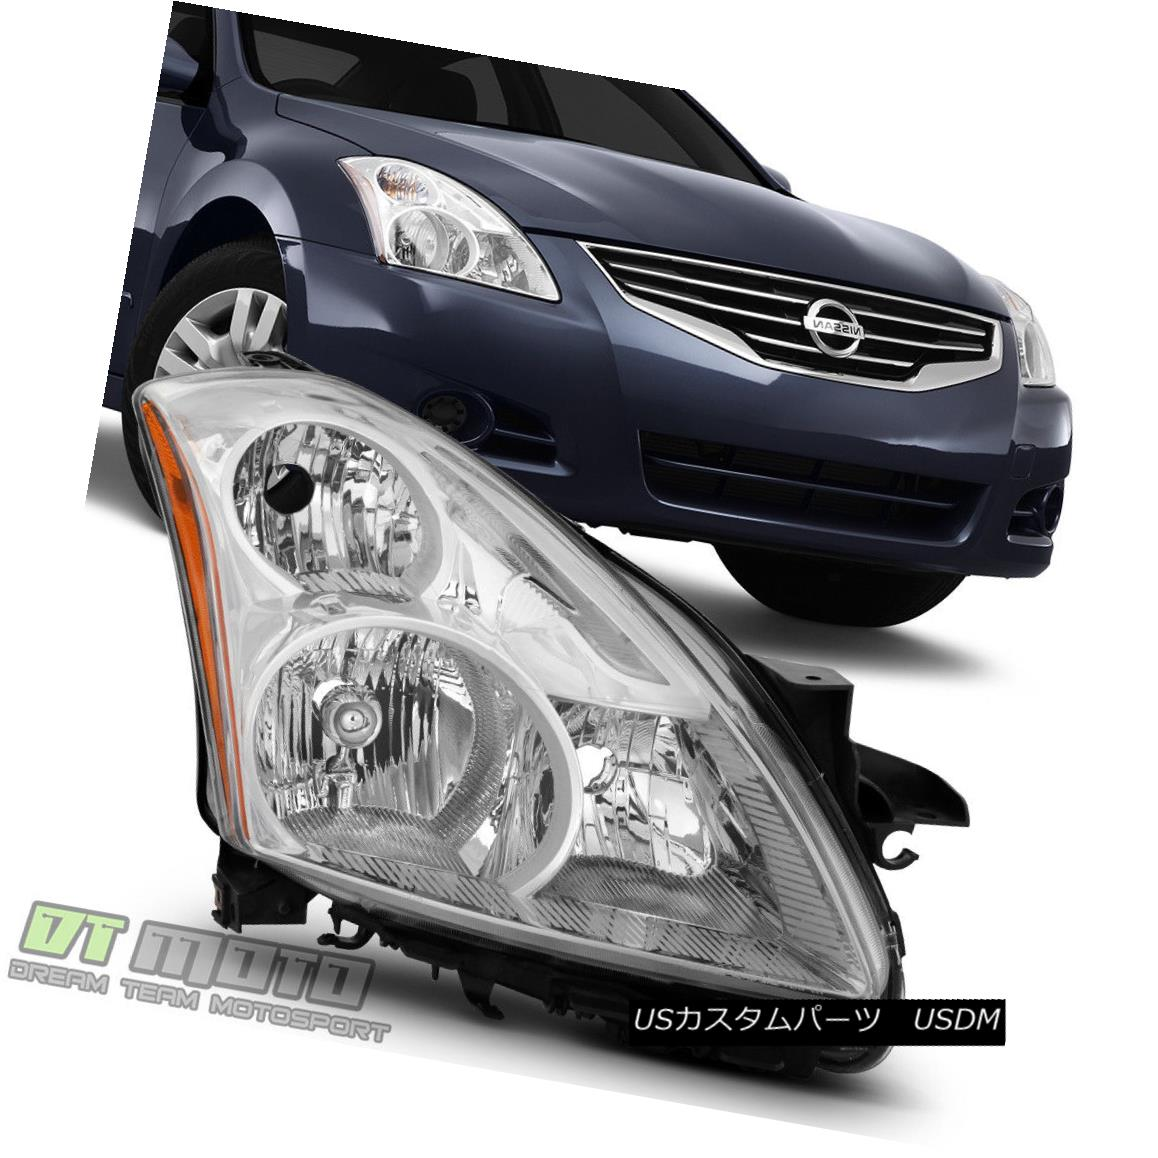 ヘッドライト For 2010-2012 Altima 4-Door Sedan Halogen Headlight Headlamp RH Passenger Side 2010?2012年アルティマ4ドアセダンハロゲンヘッドライトヘッドランプRH助手席側